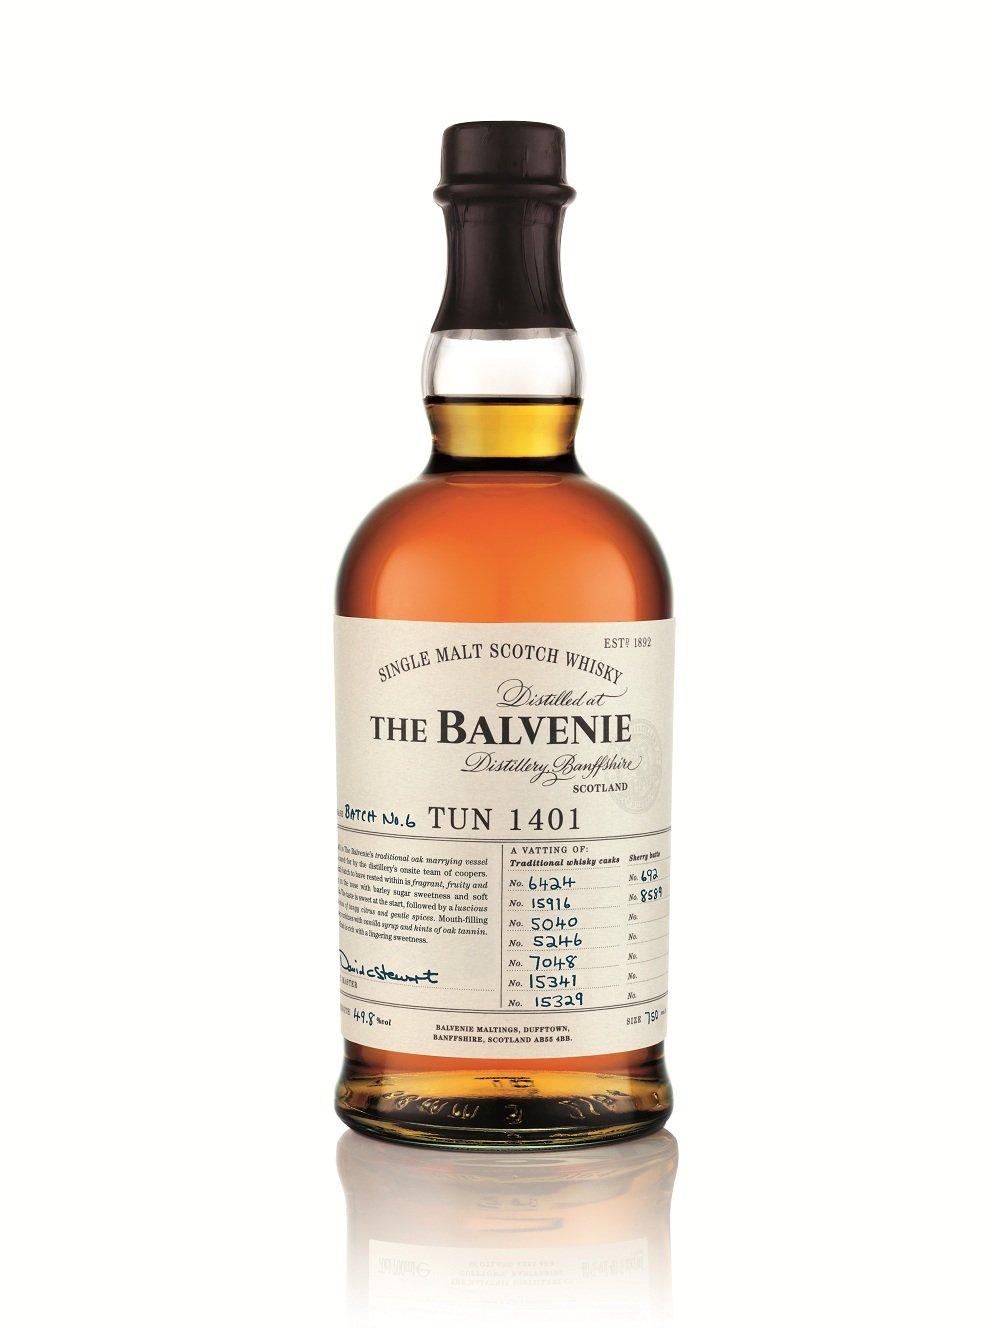 The Balvenie Tun 1401, Batch 6